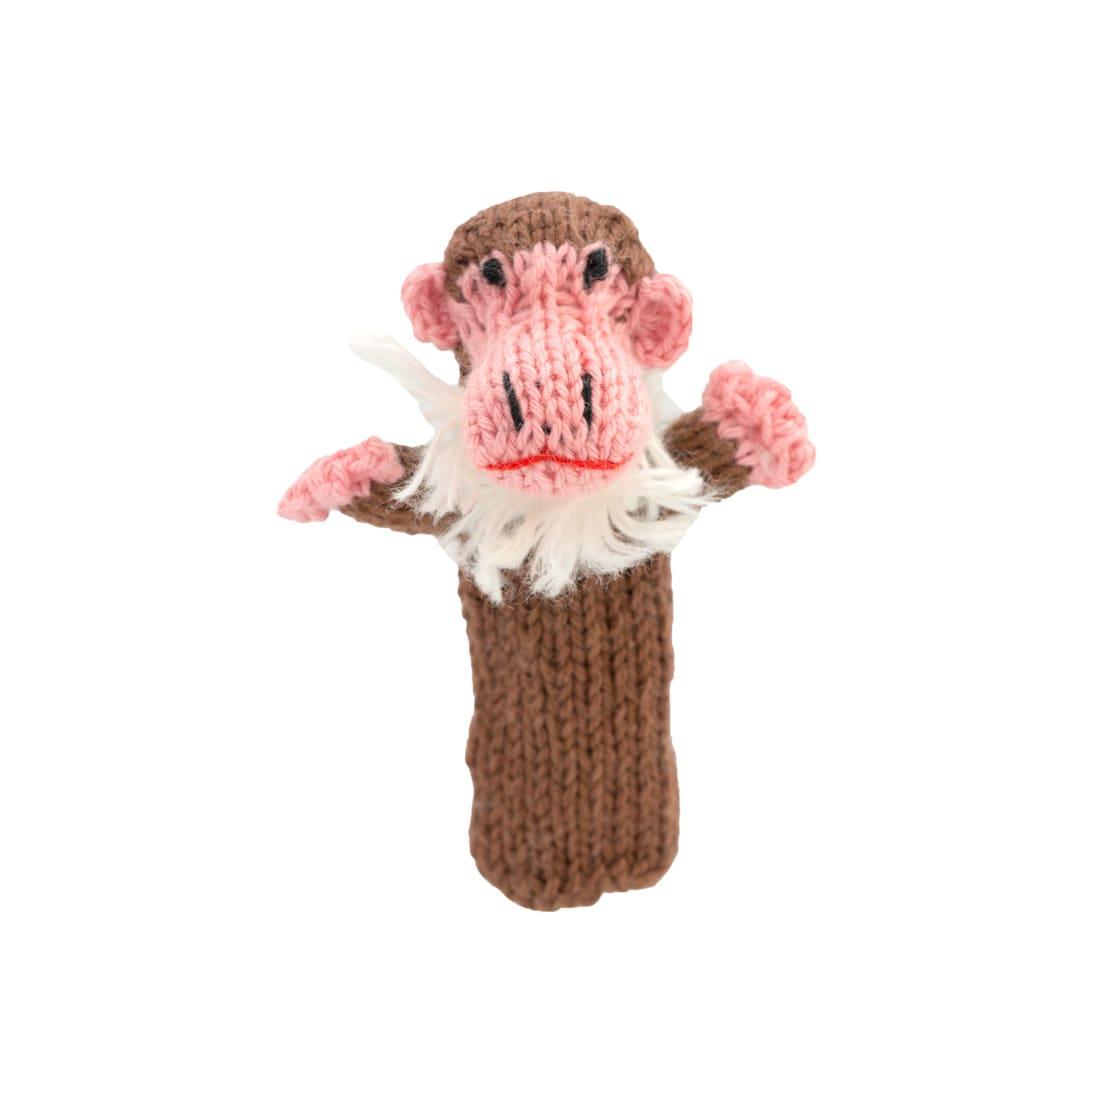 UKP217B Monkey with Beard